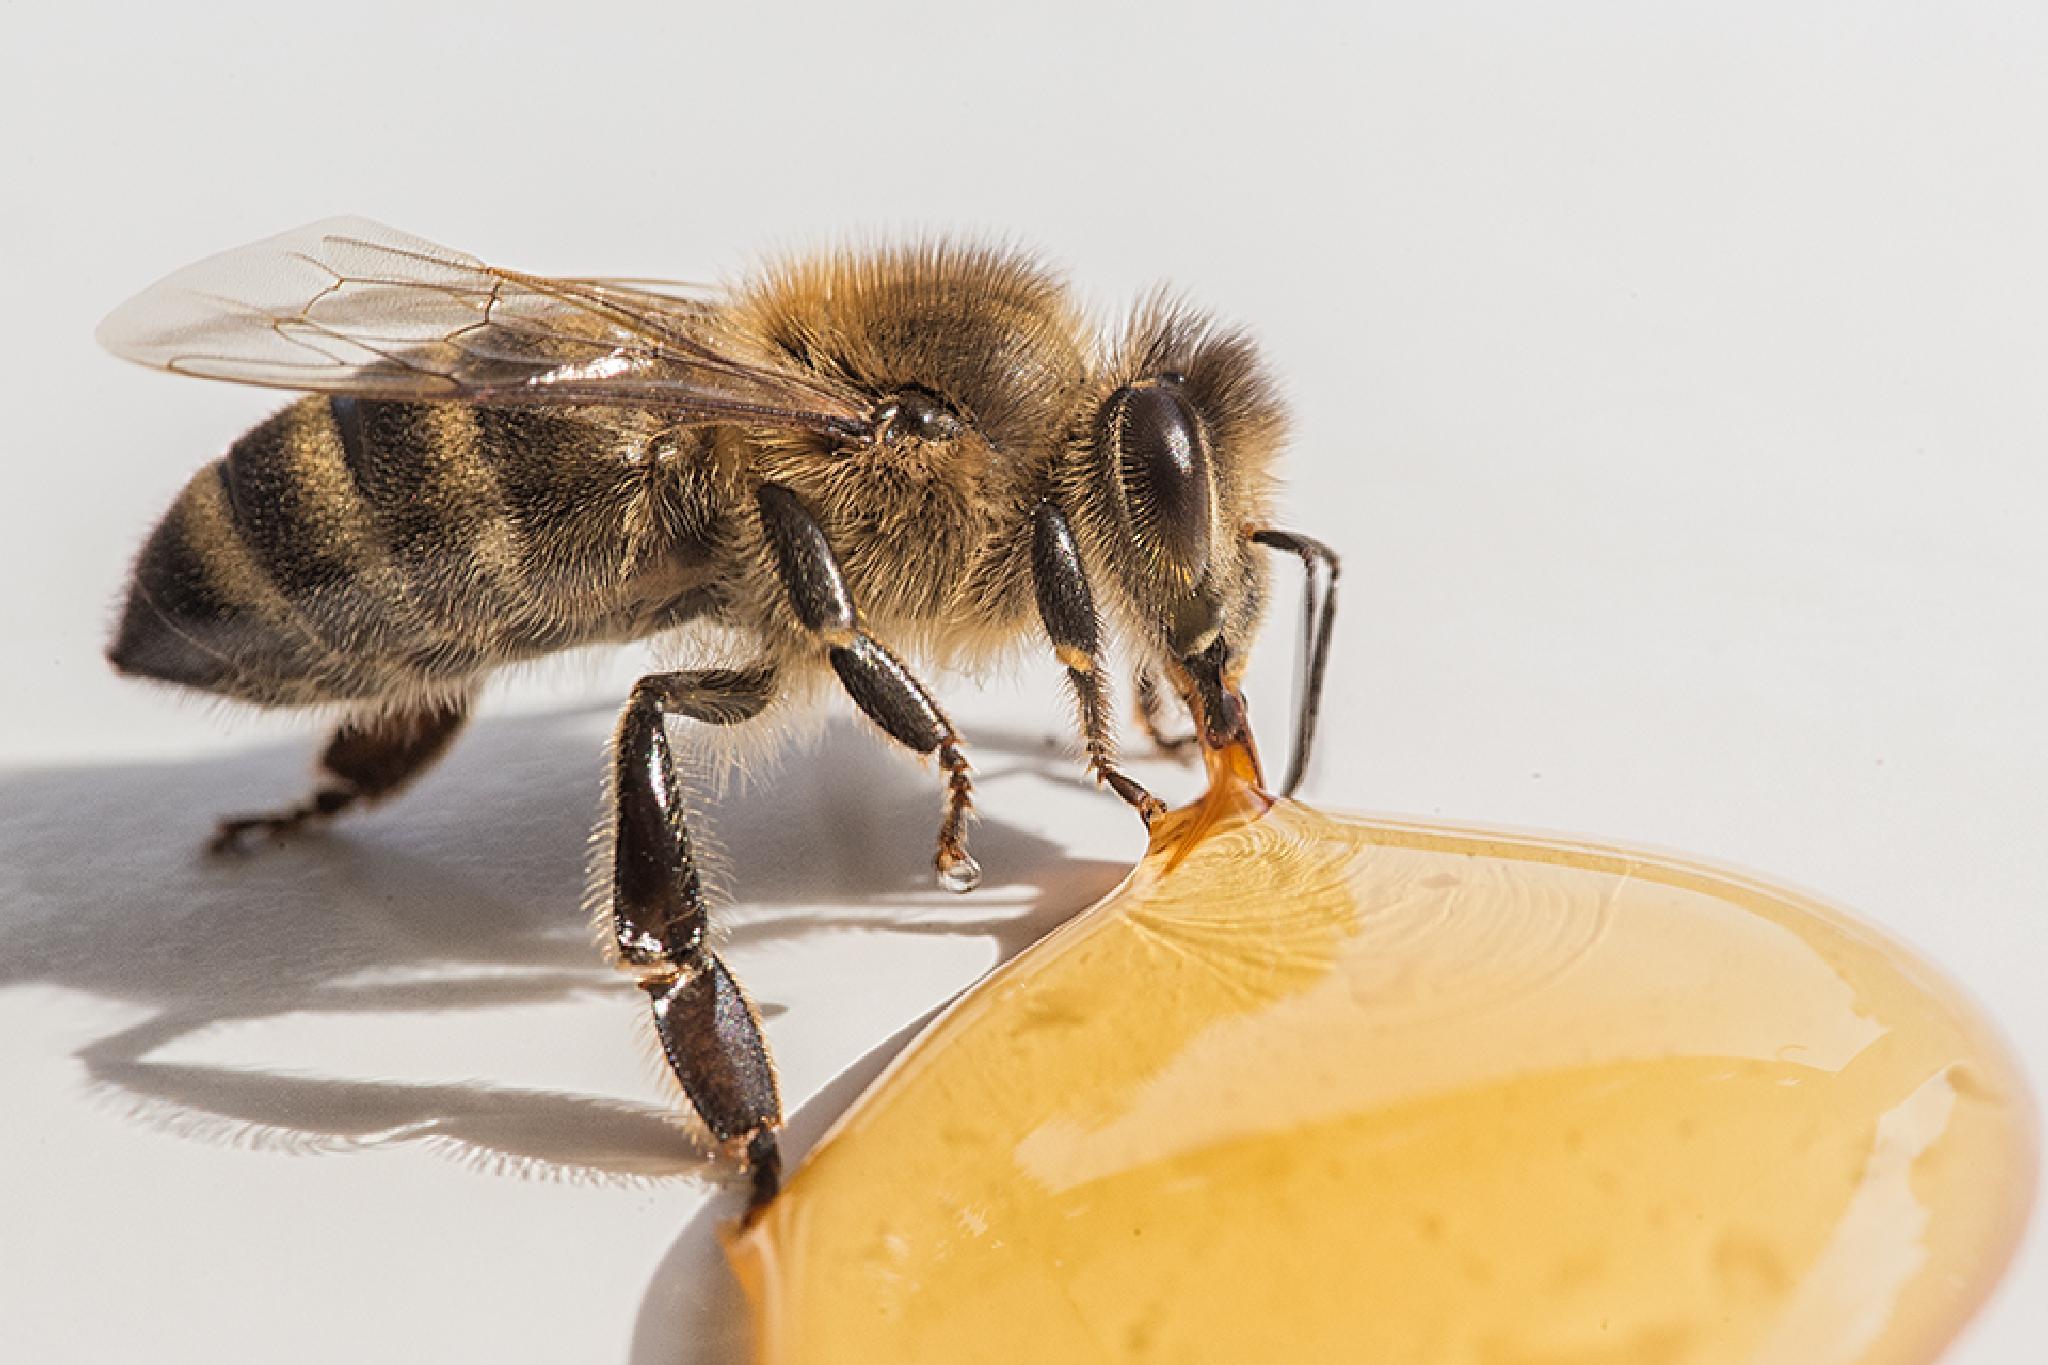 Bee by Mirko Waltermann